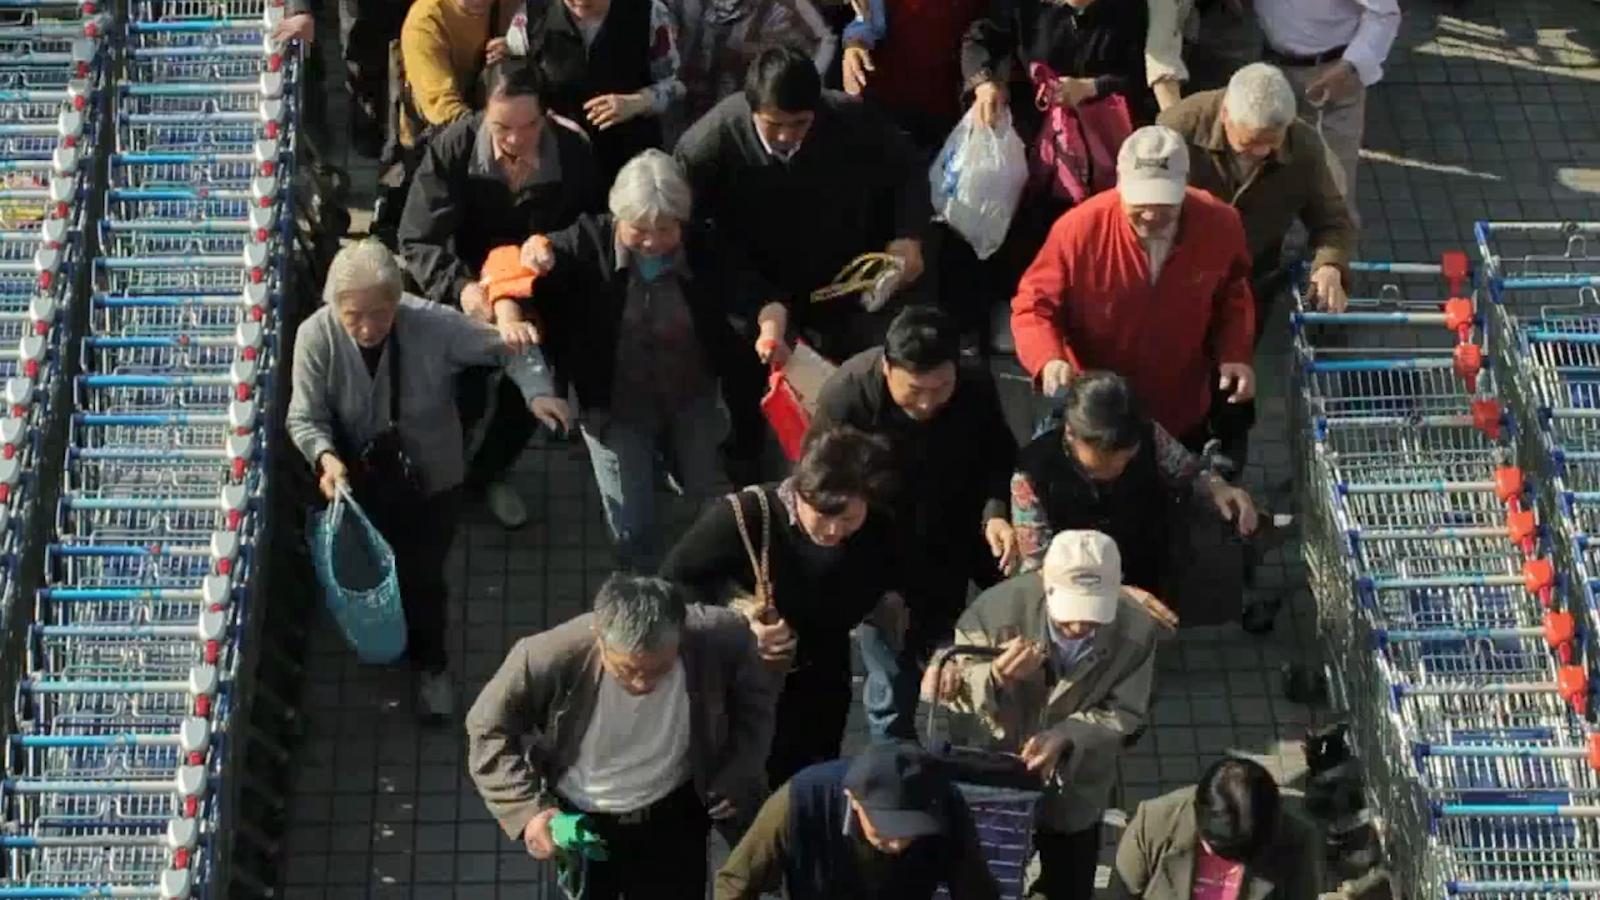 Elderly Chinese shoppers rush to enter Shanghai Tesco